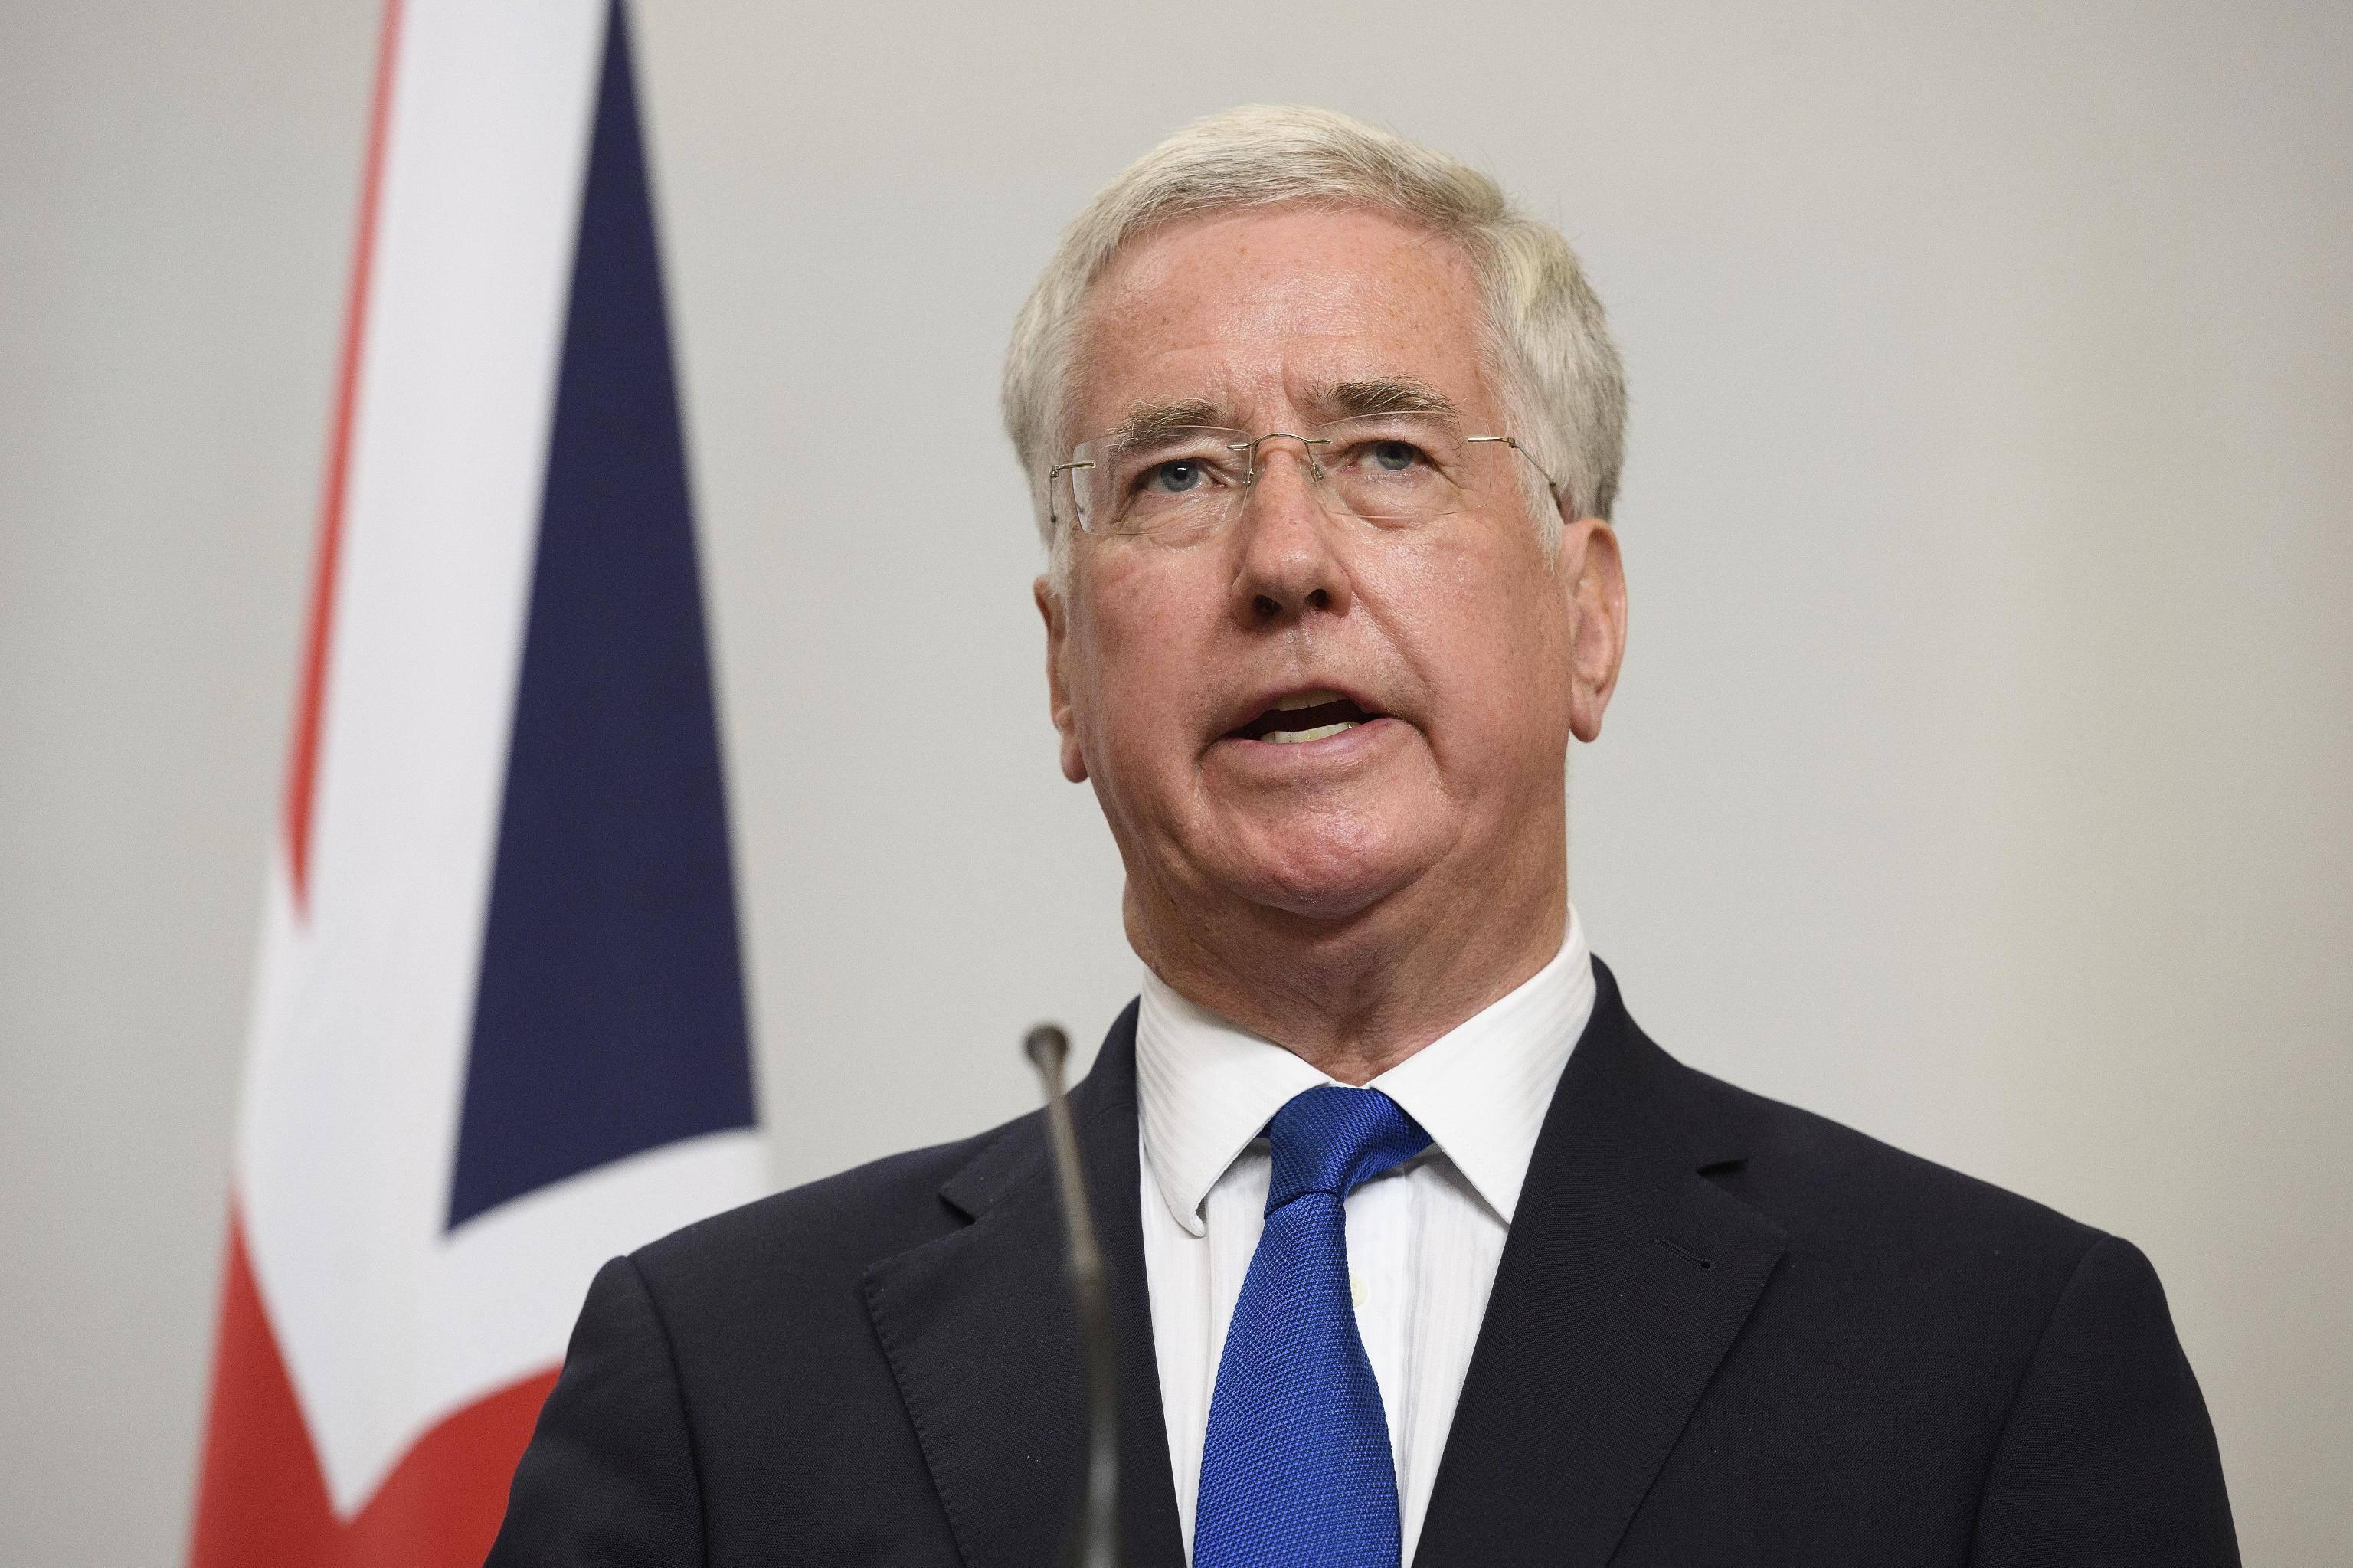 Molestie, si dimette il ministro britannico Fallon